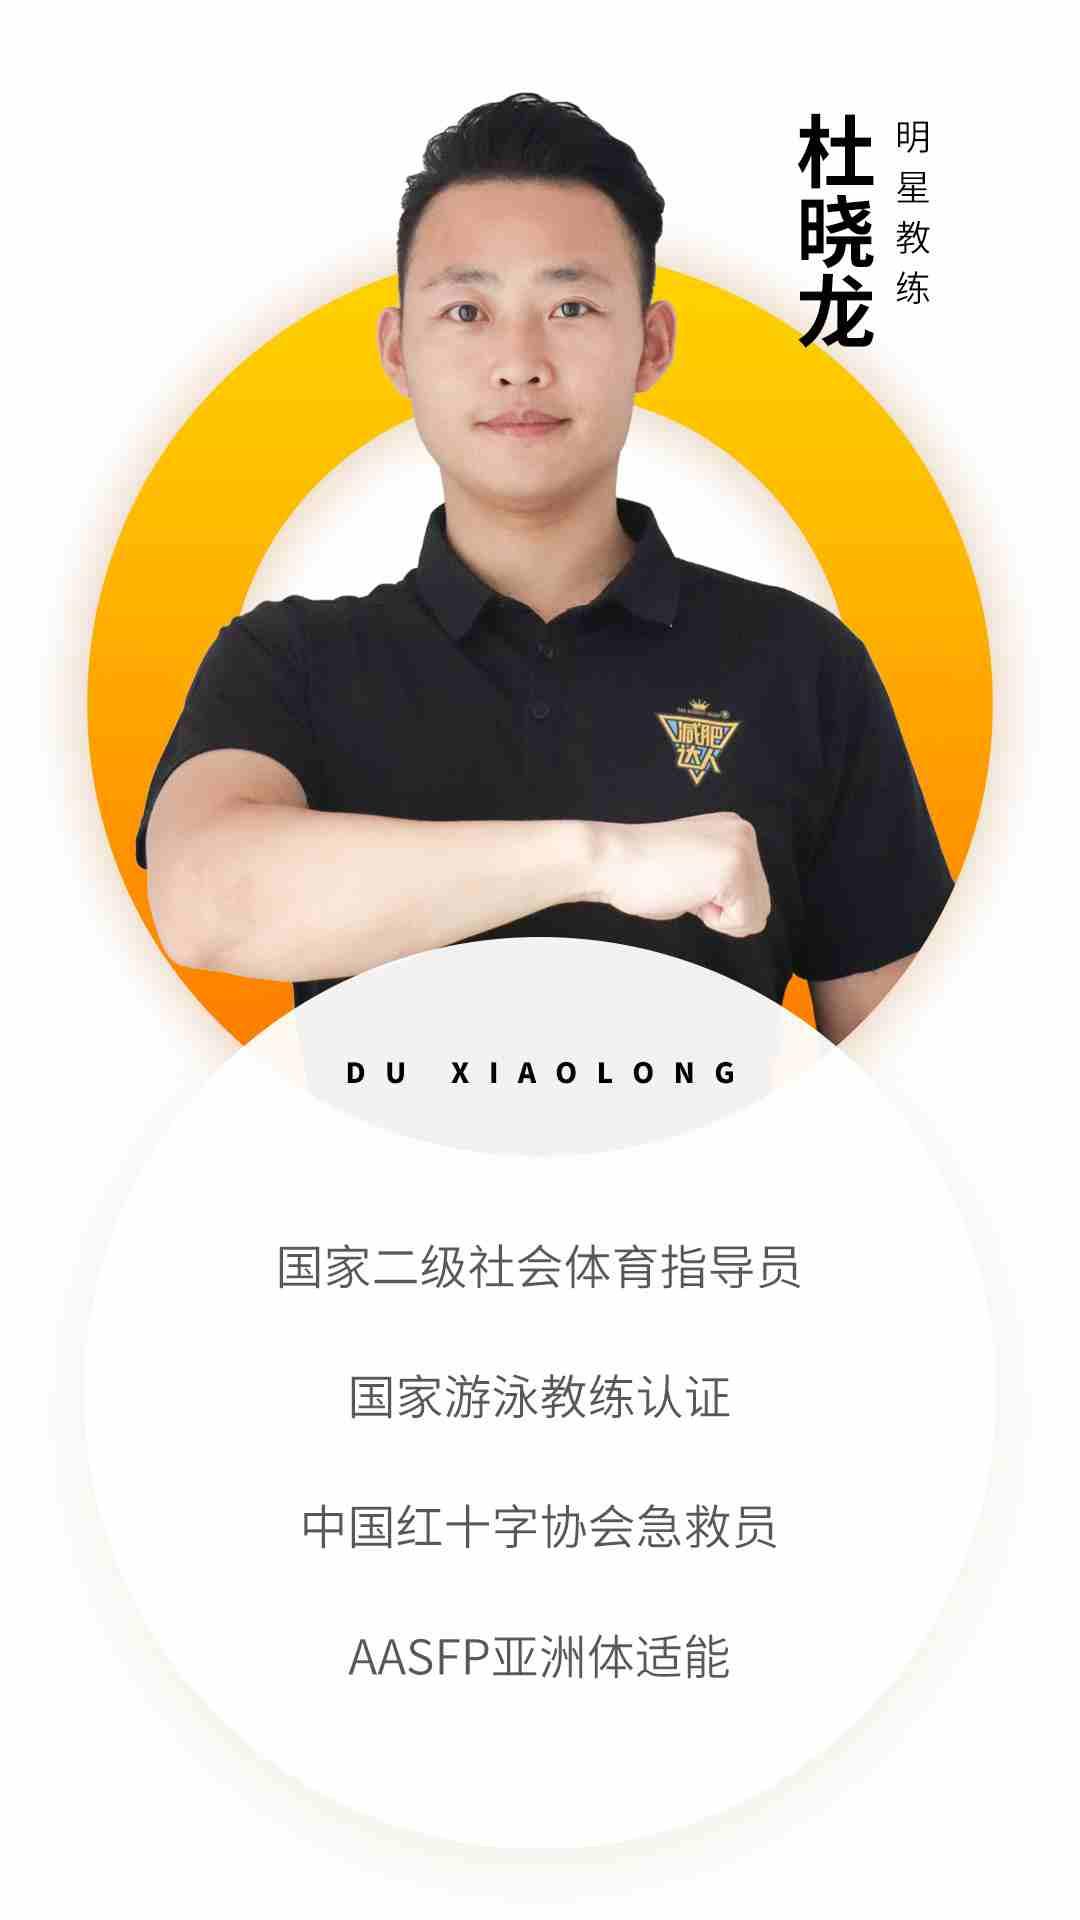 长沙教练资质-杜晓龙.jpg